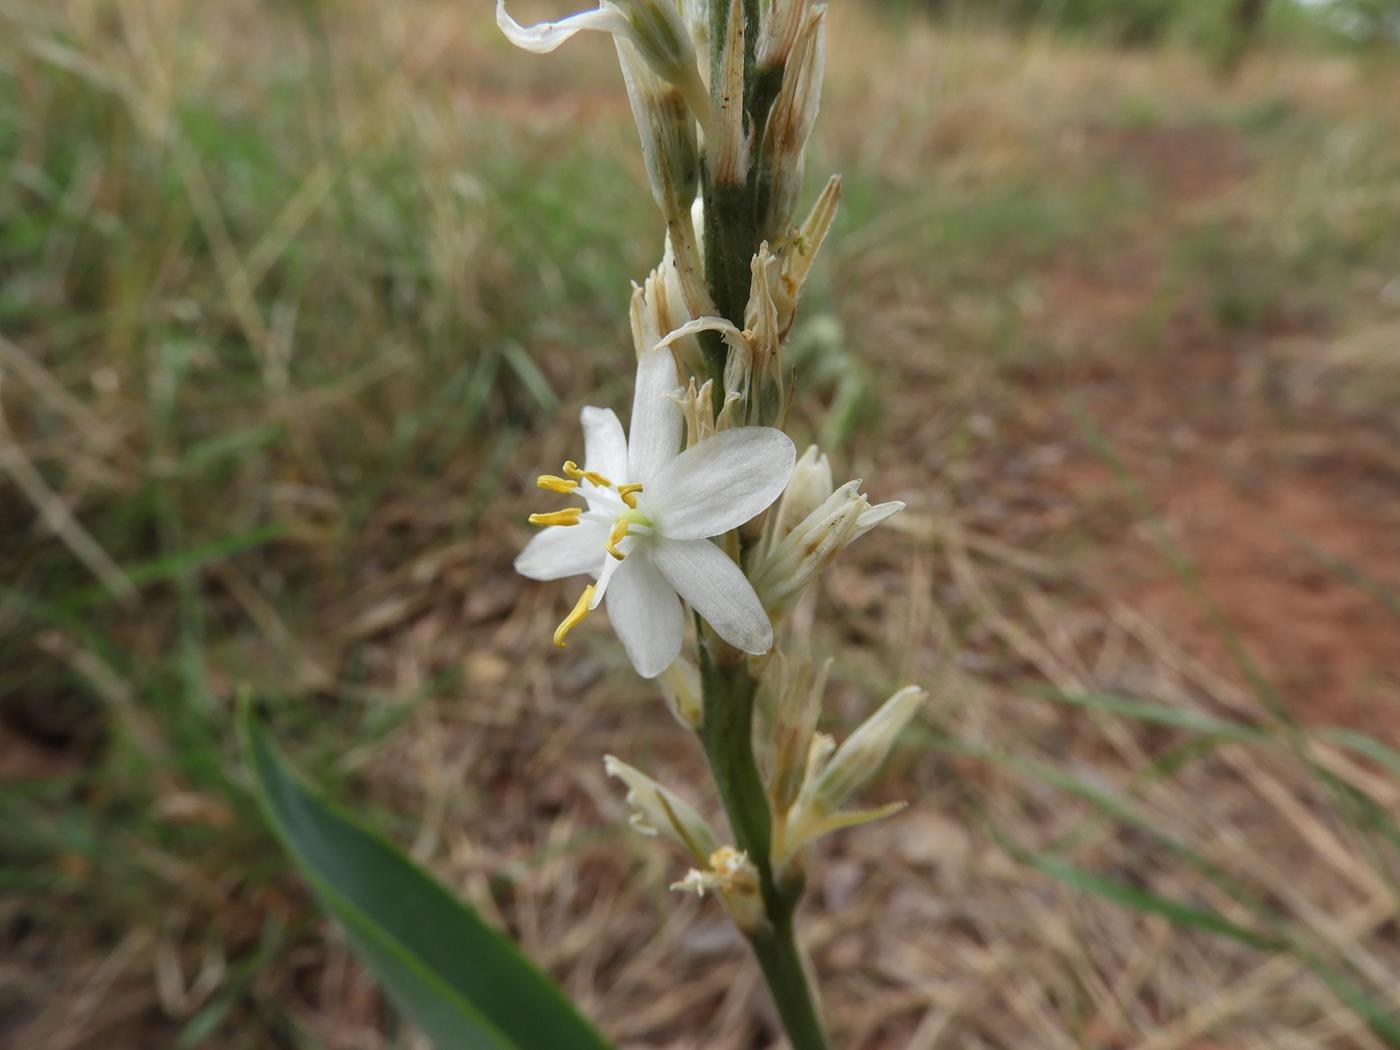 Chlorophytum subpetiolatum